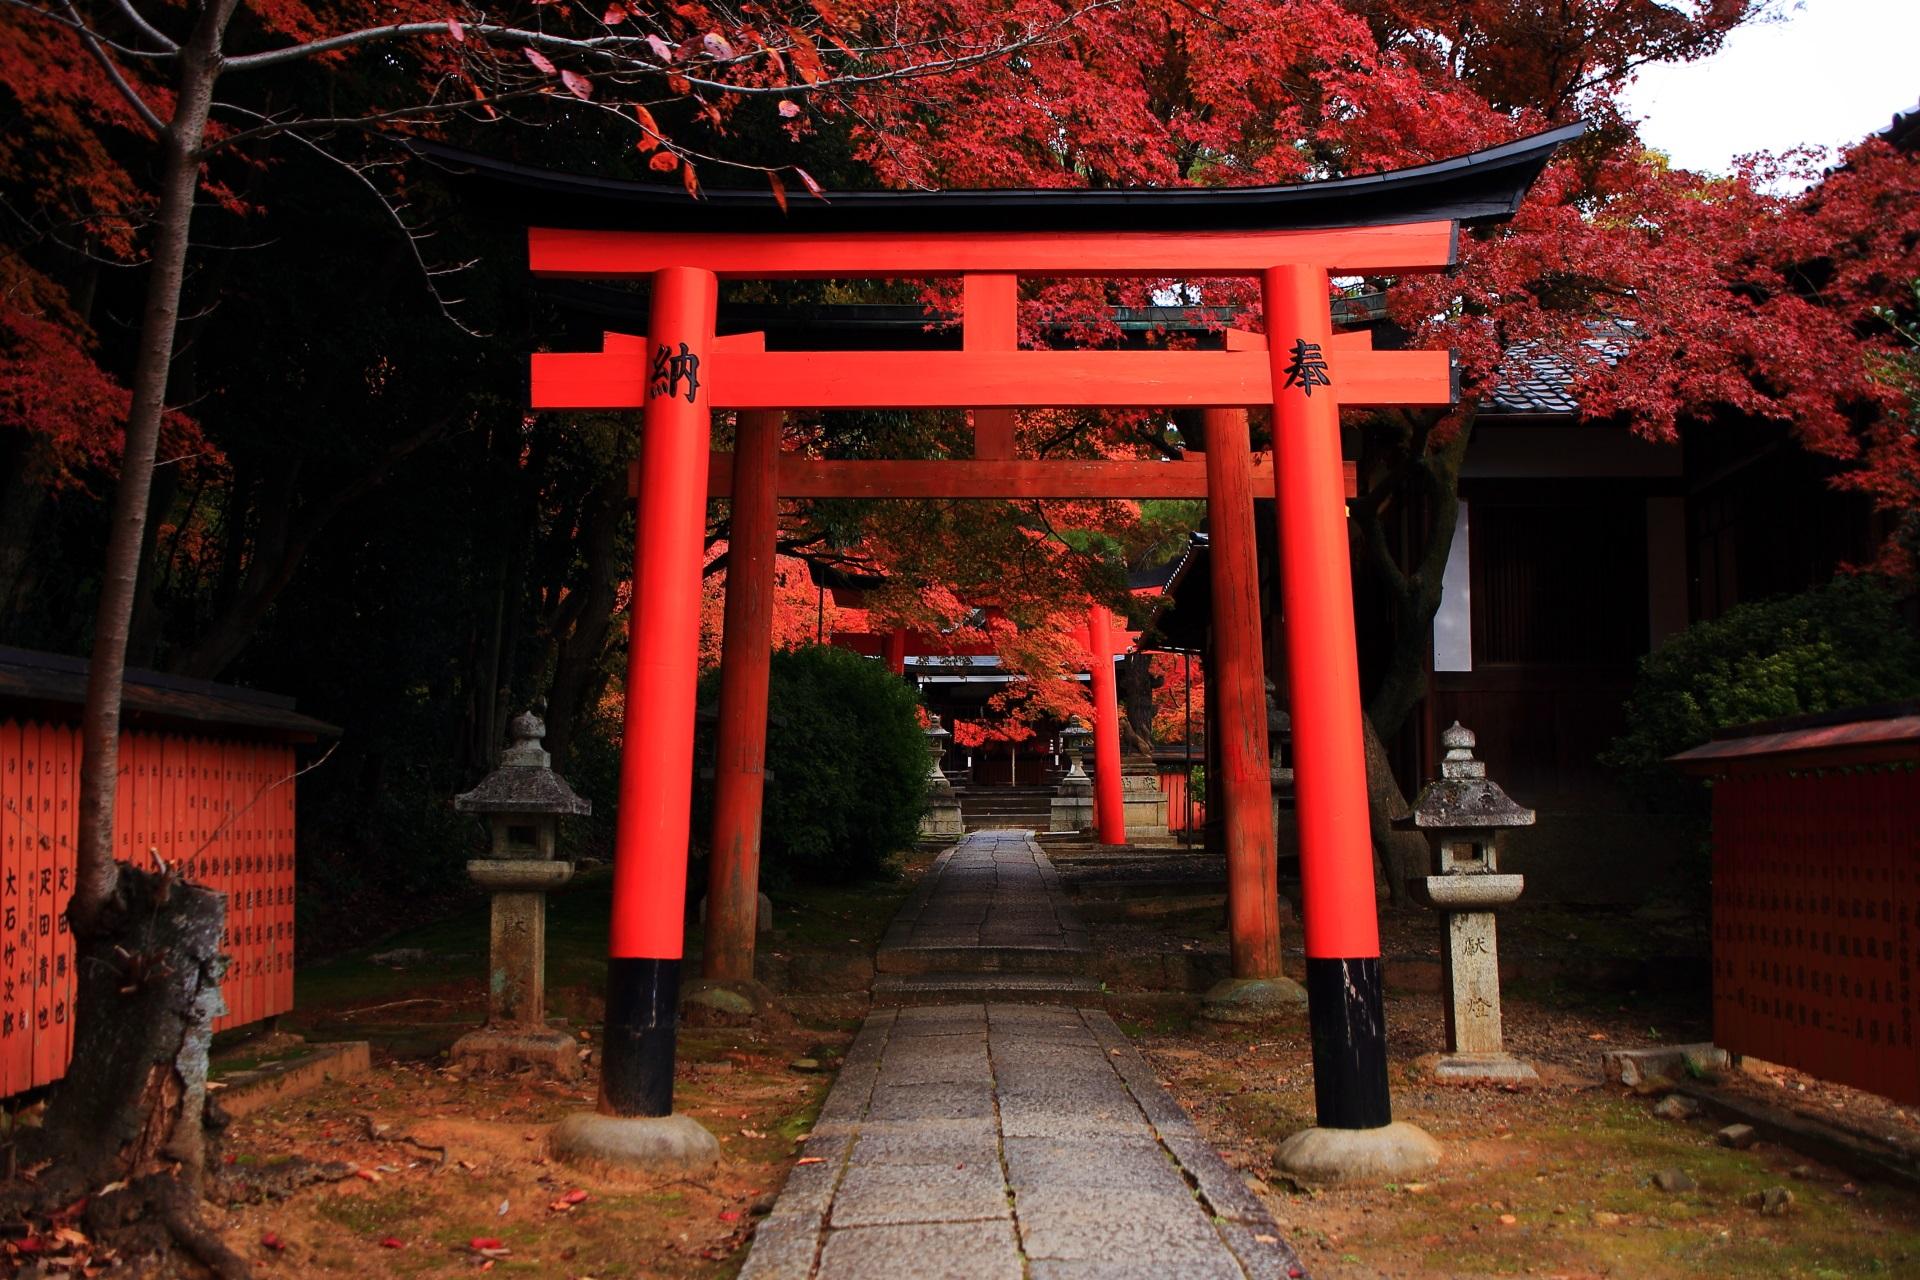 竹中稲荷神社の参道と鳥居の紅葉